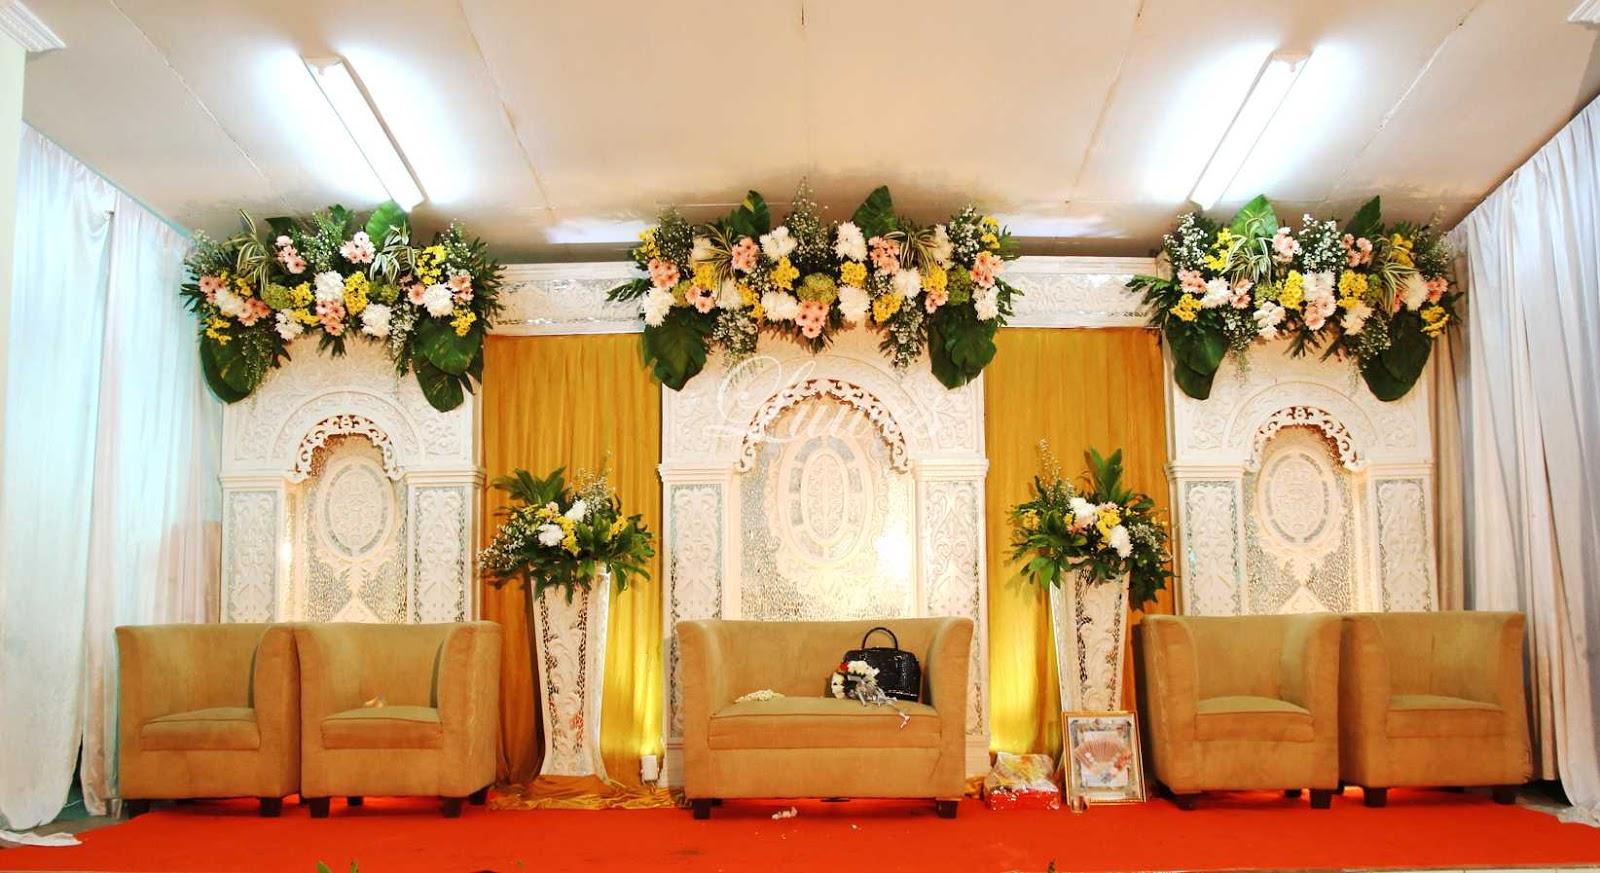 Dekorasi pelaminan untuk resepsi pernikahan di rumah